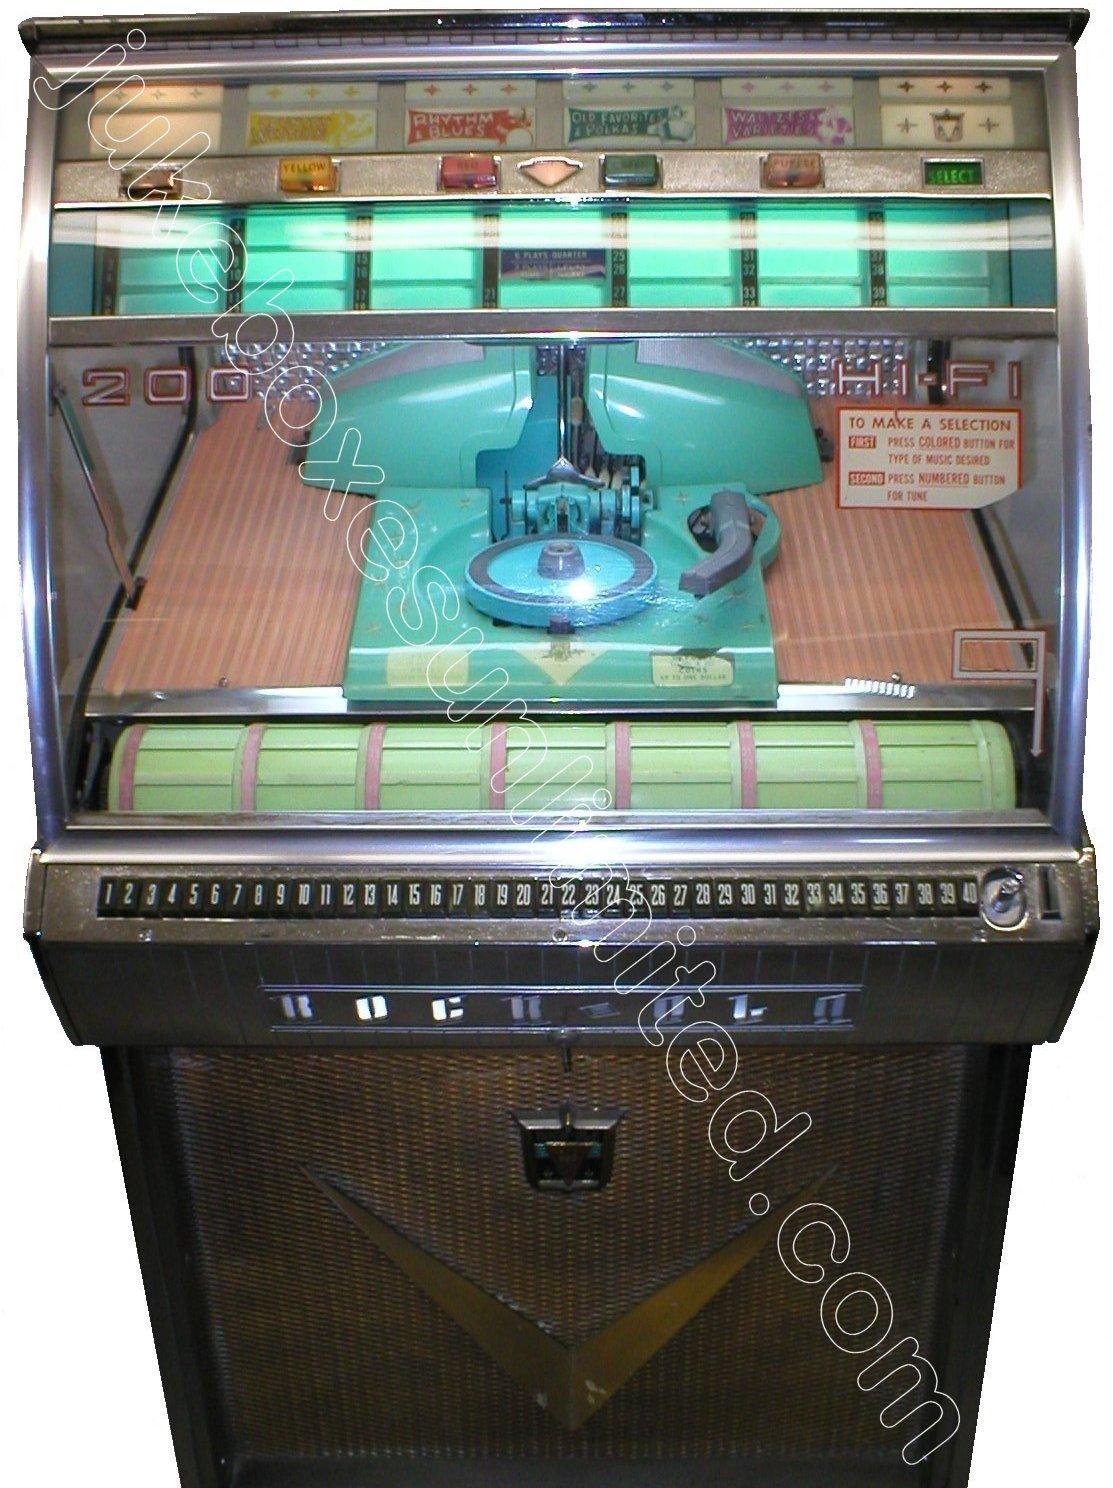 Rockola Jukebox Values 1958 Rockola 1465 Jukebox